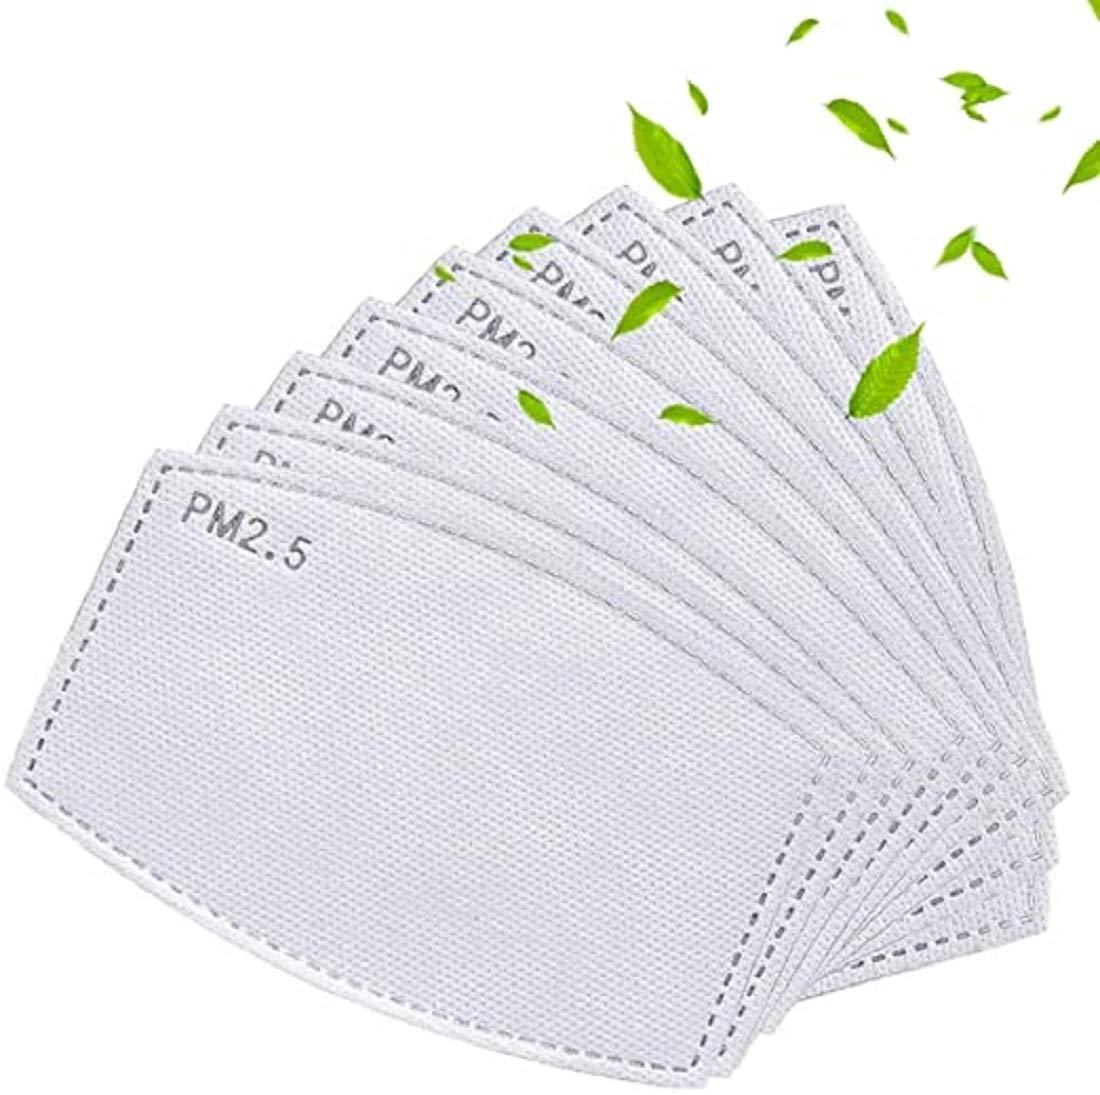 Gecter PM2.5 Filtros de carbón activado 5 capas reemplazables de papel de filtro antiniebla (100 unidades)